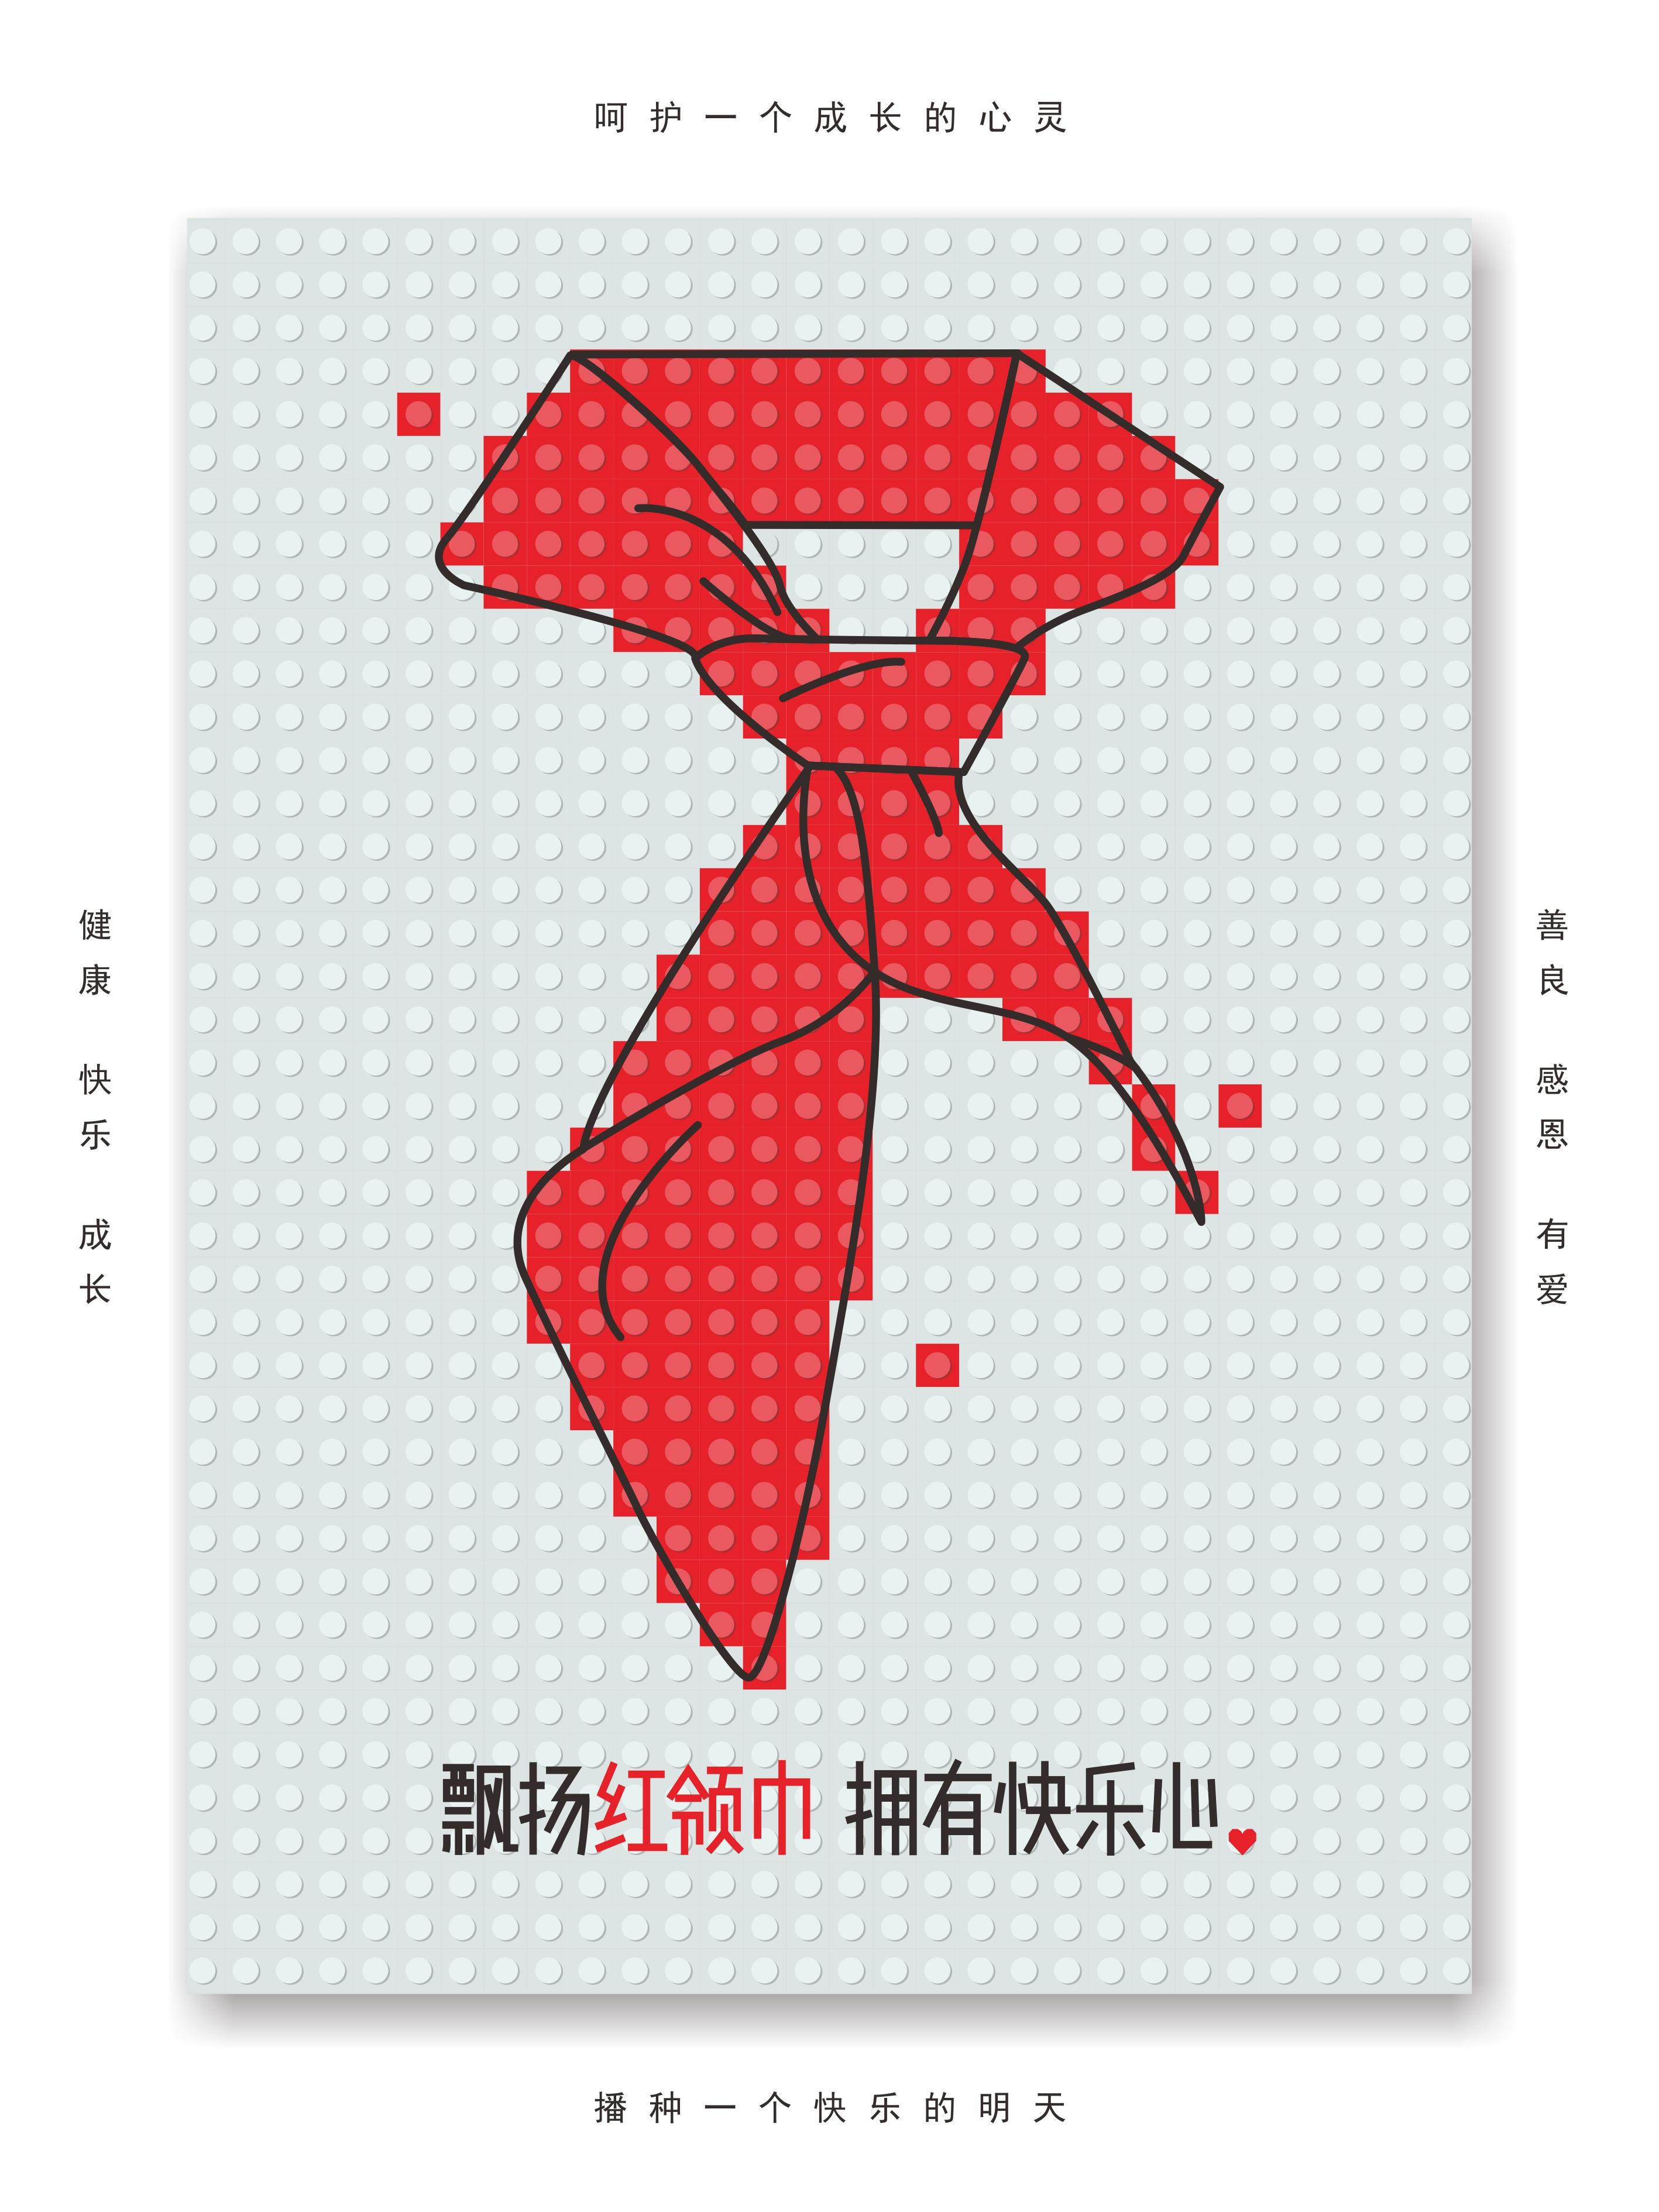 飘扬的红领巾